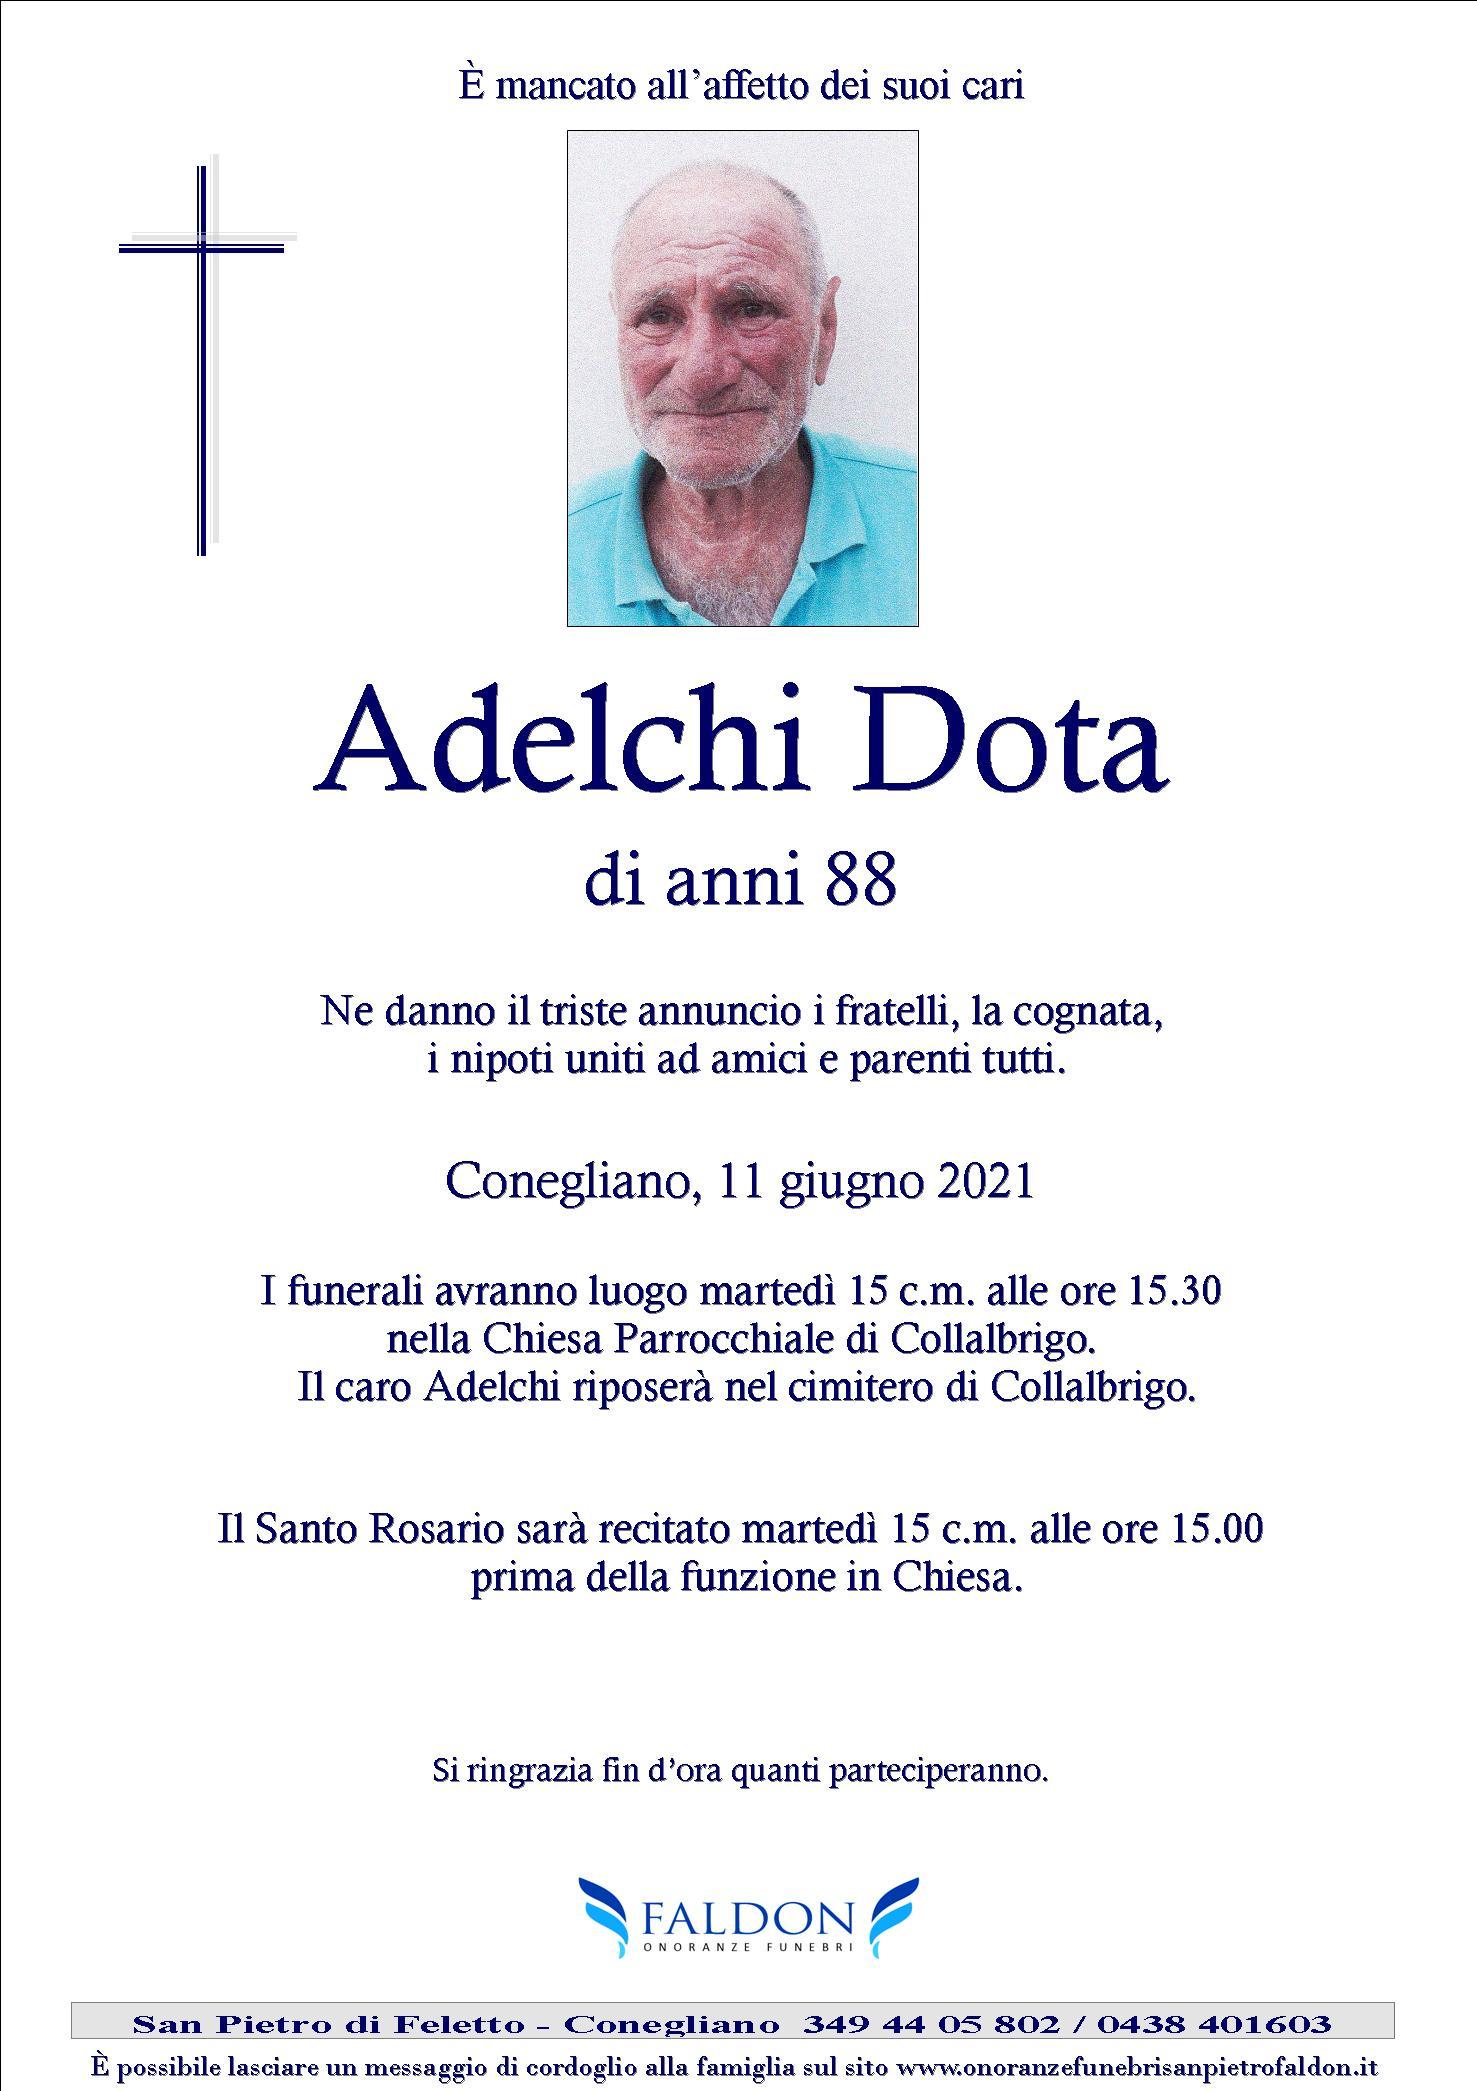 Adelchi Dota